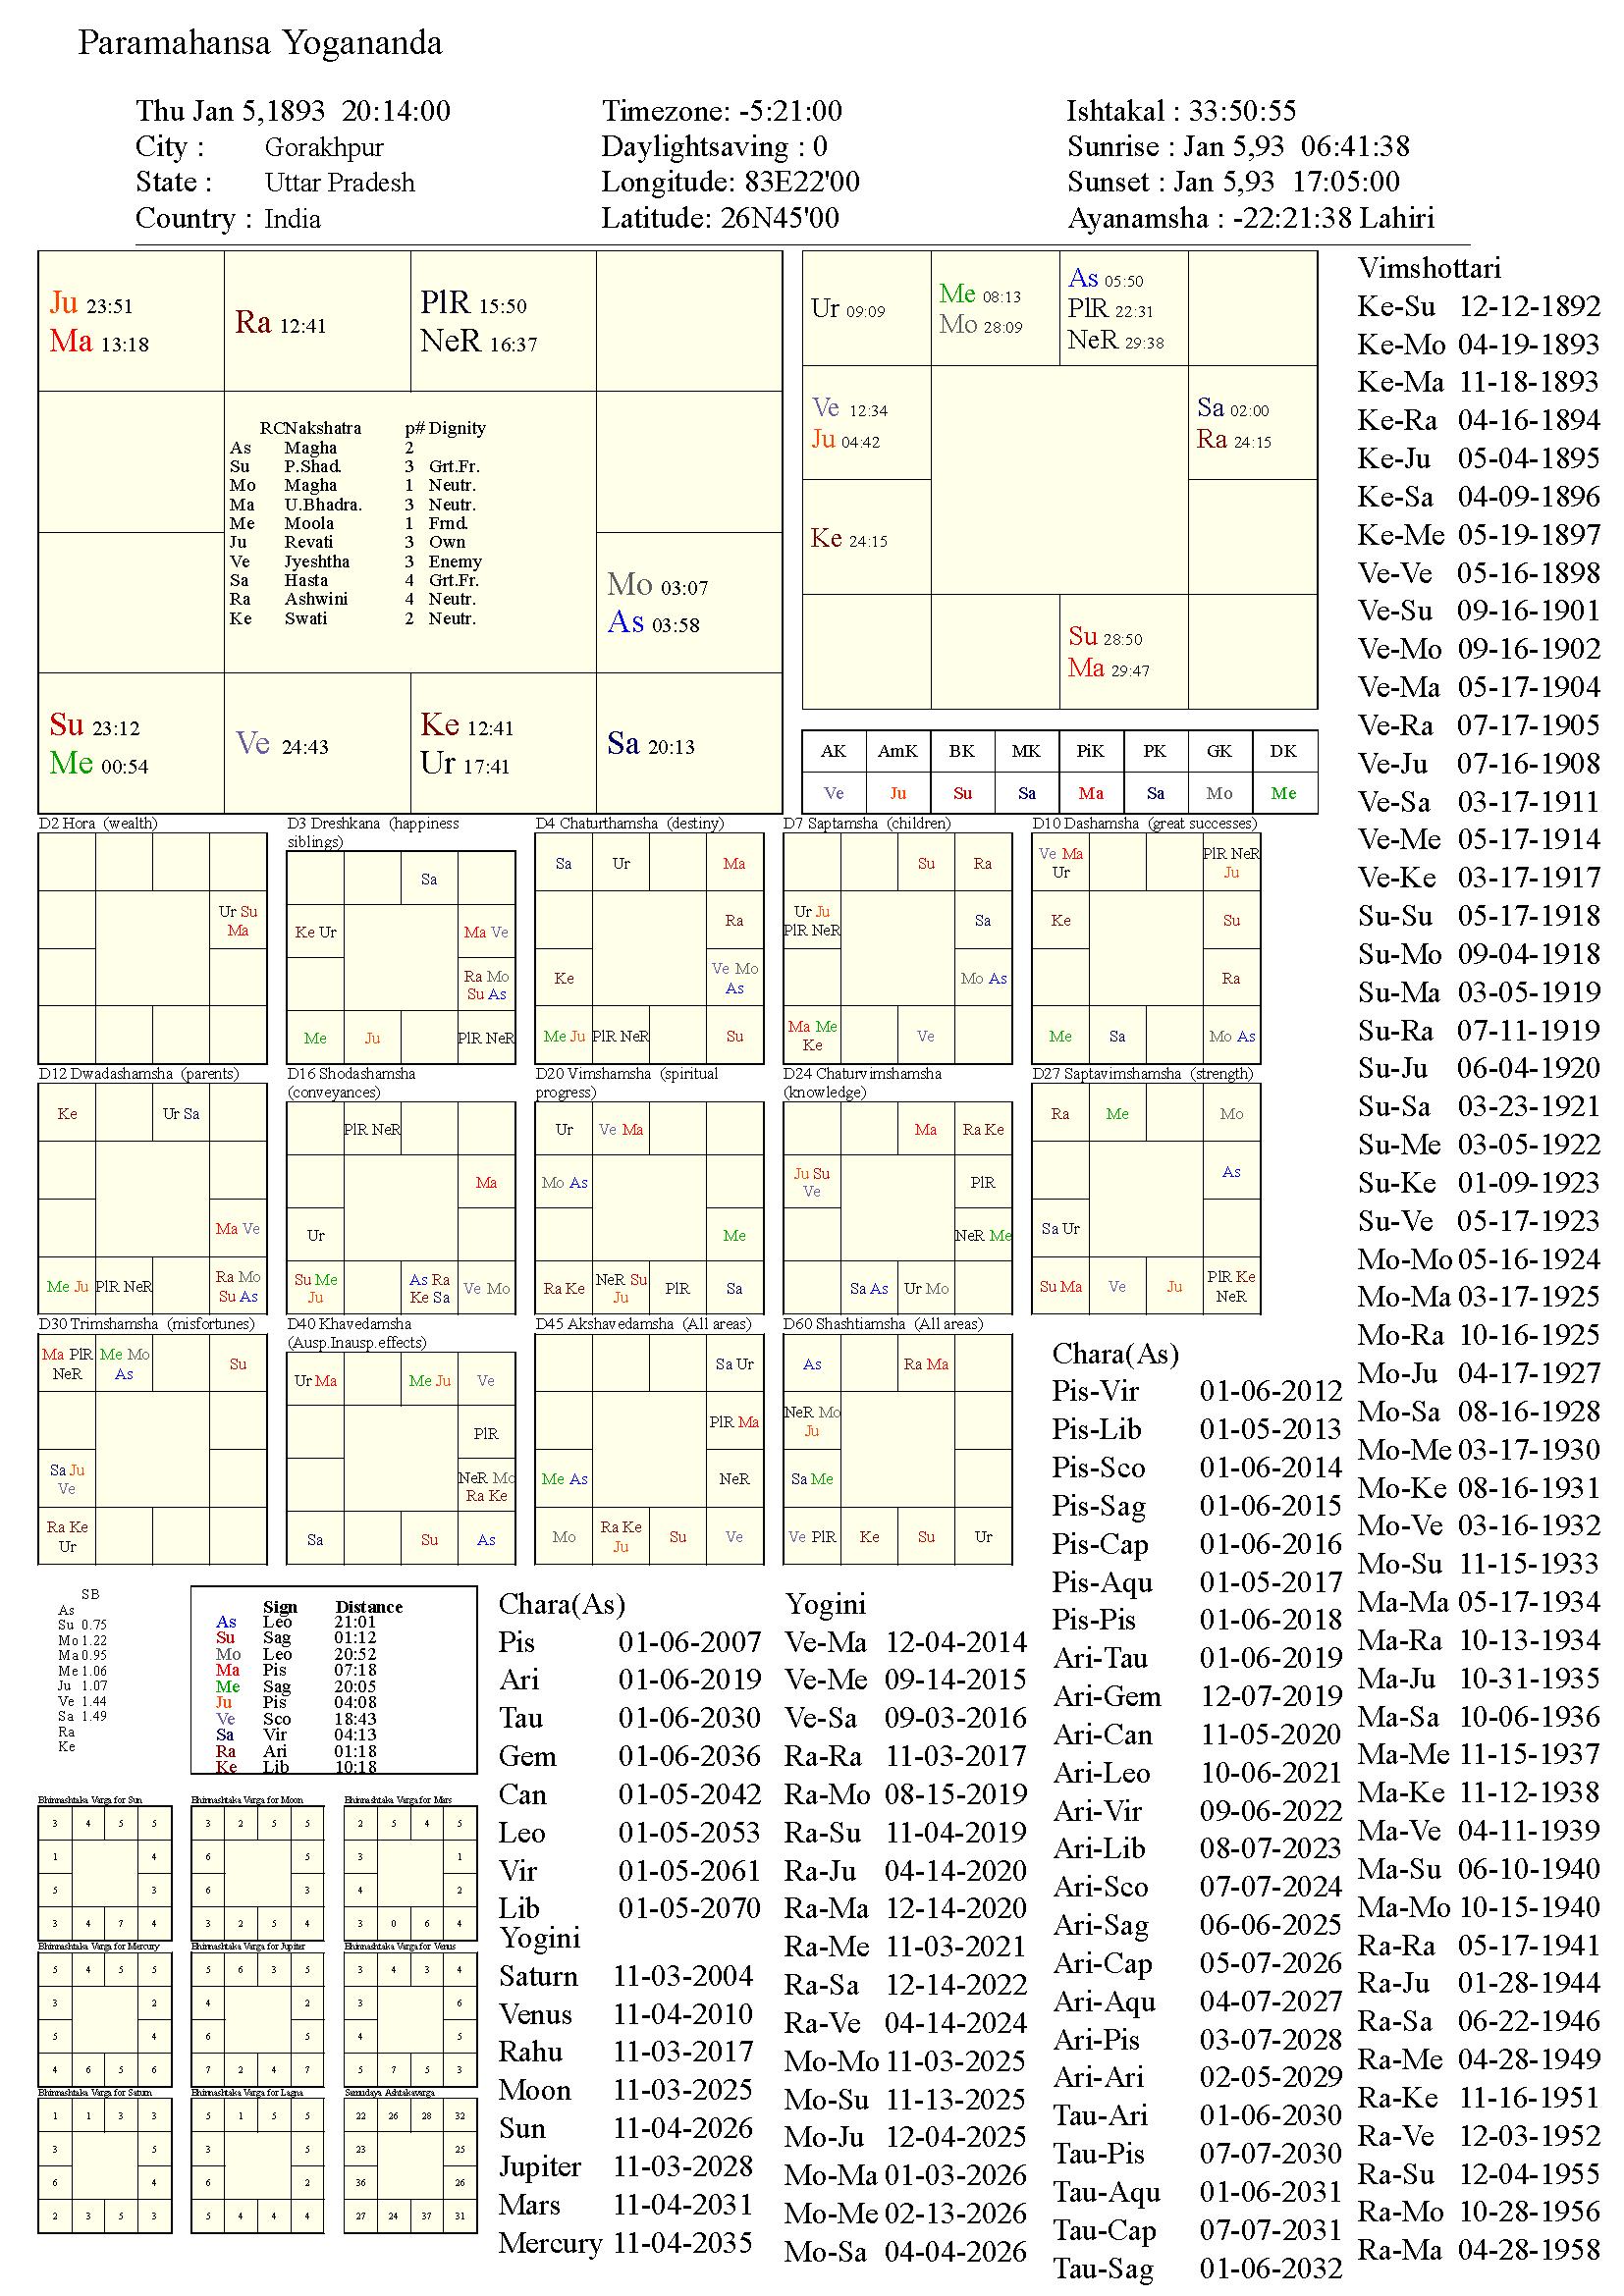 ParamahansaYogananda_chart